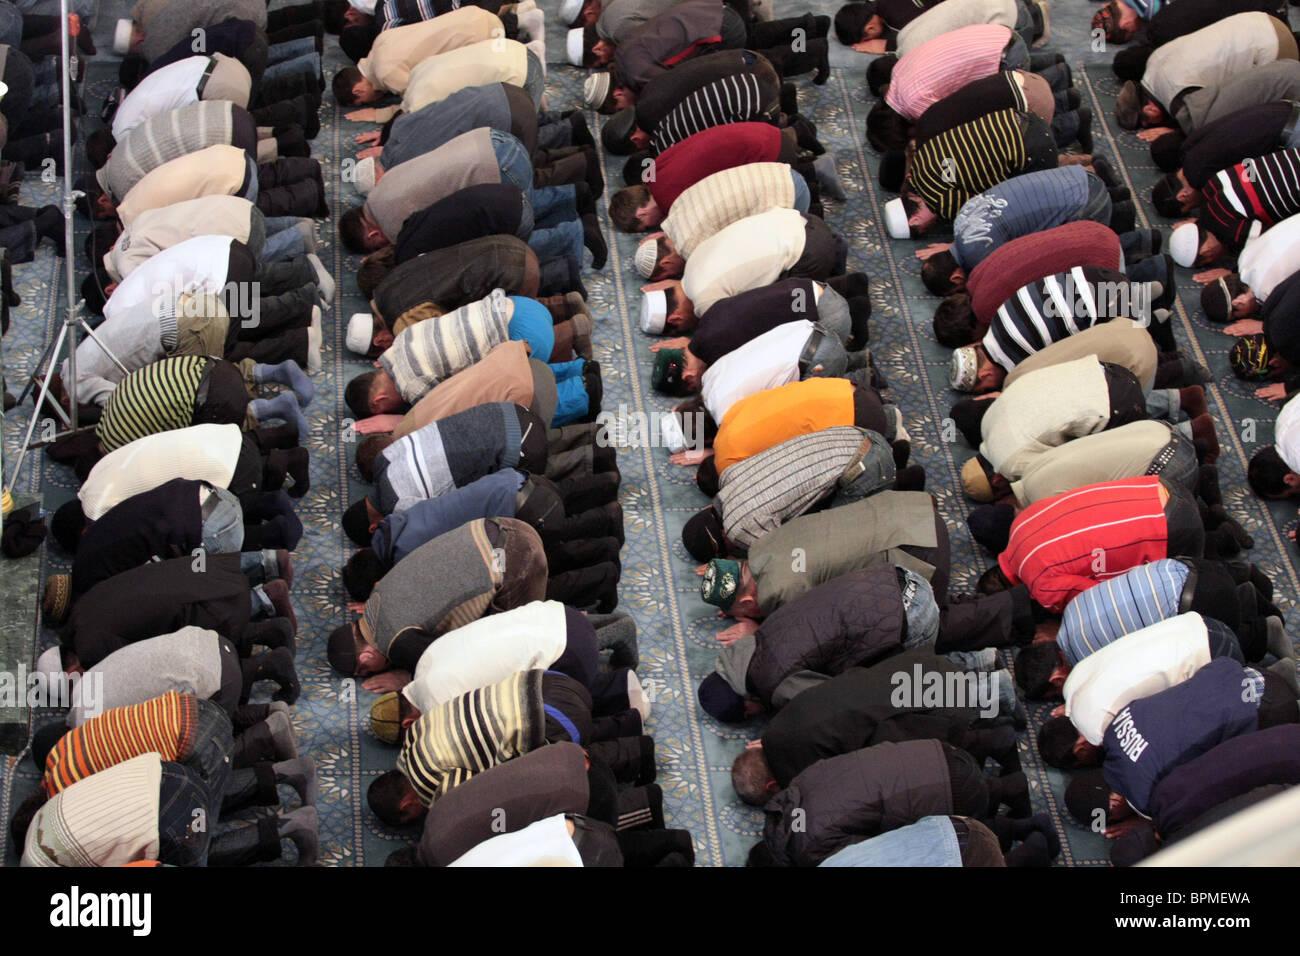 Moslems celebrate Kurban-Bayram holiday - Stock Image